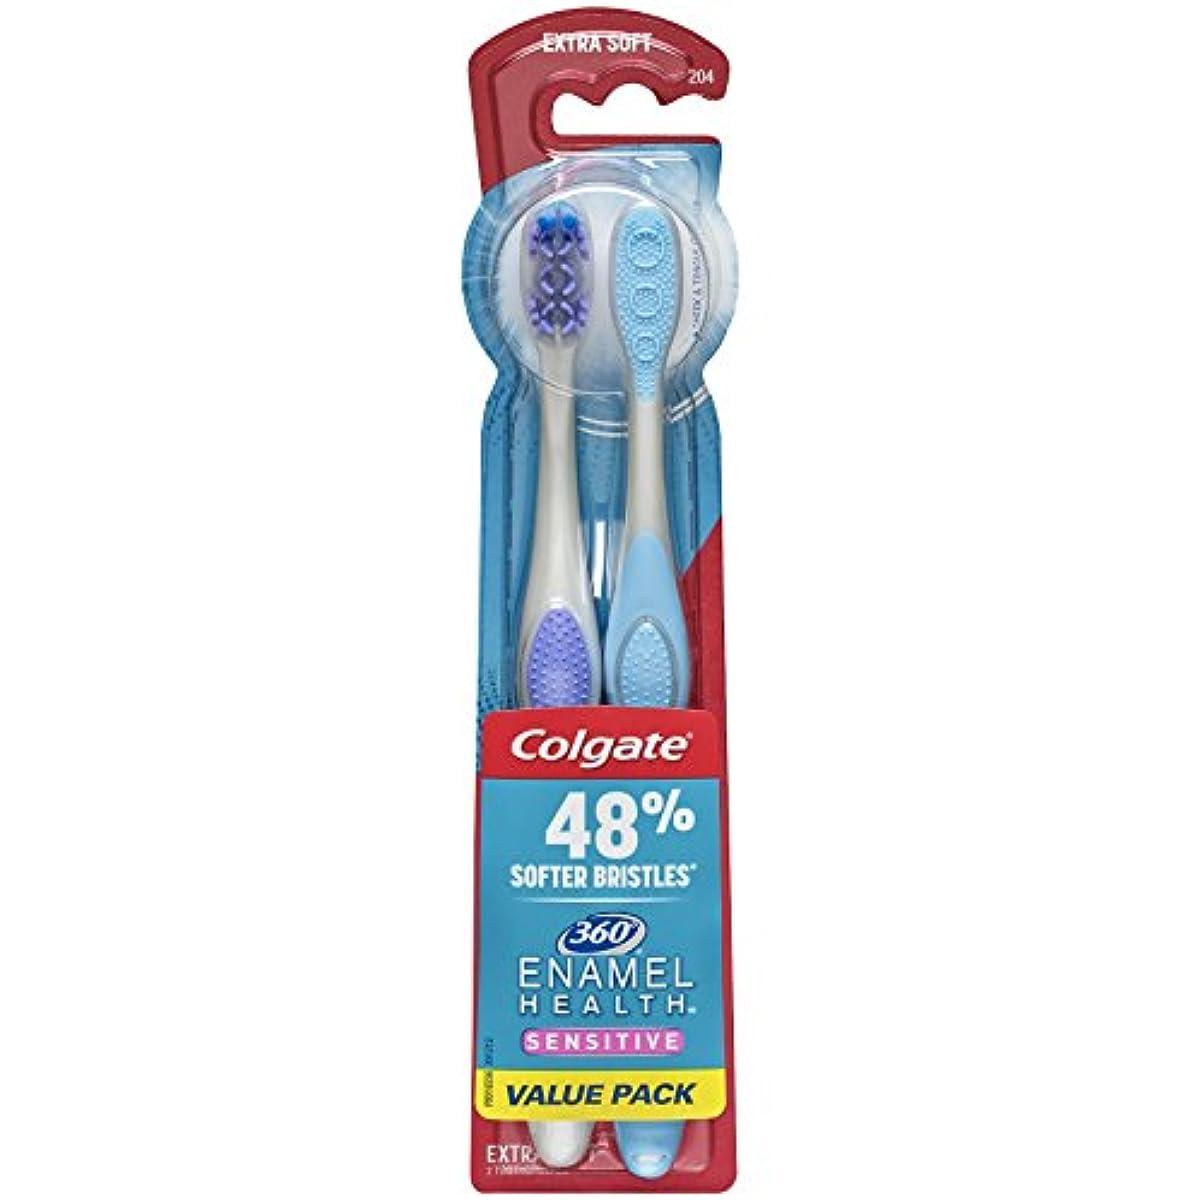 命題くま省略Colgate エナメル健康に敏感な歯ブラシ、エクストラソフト、2カラット